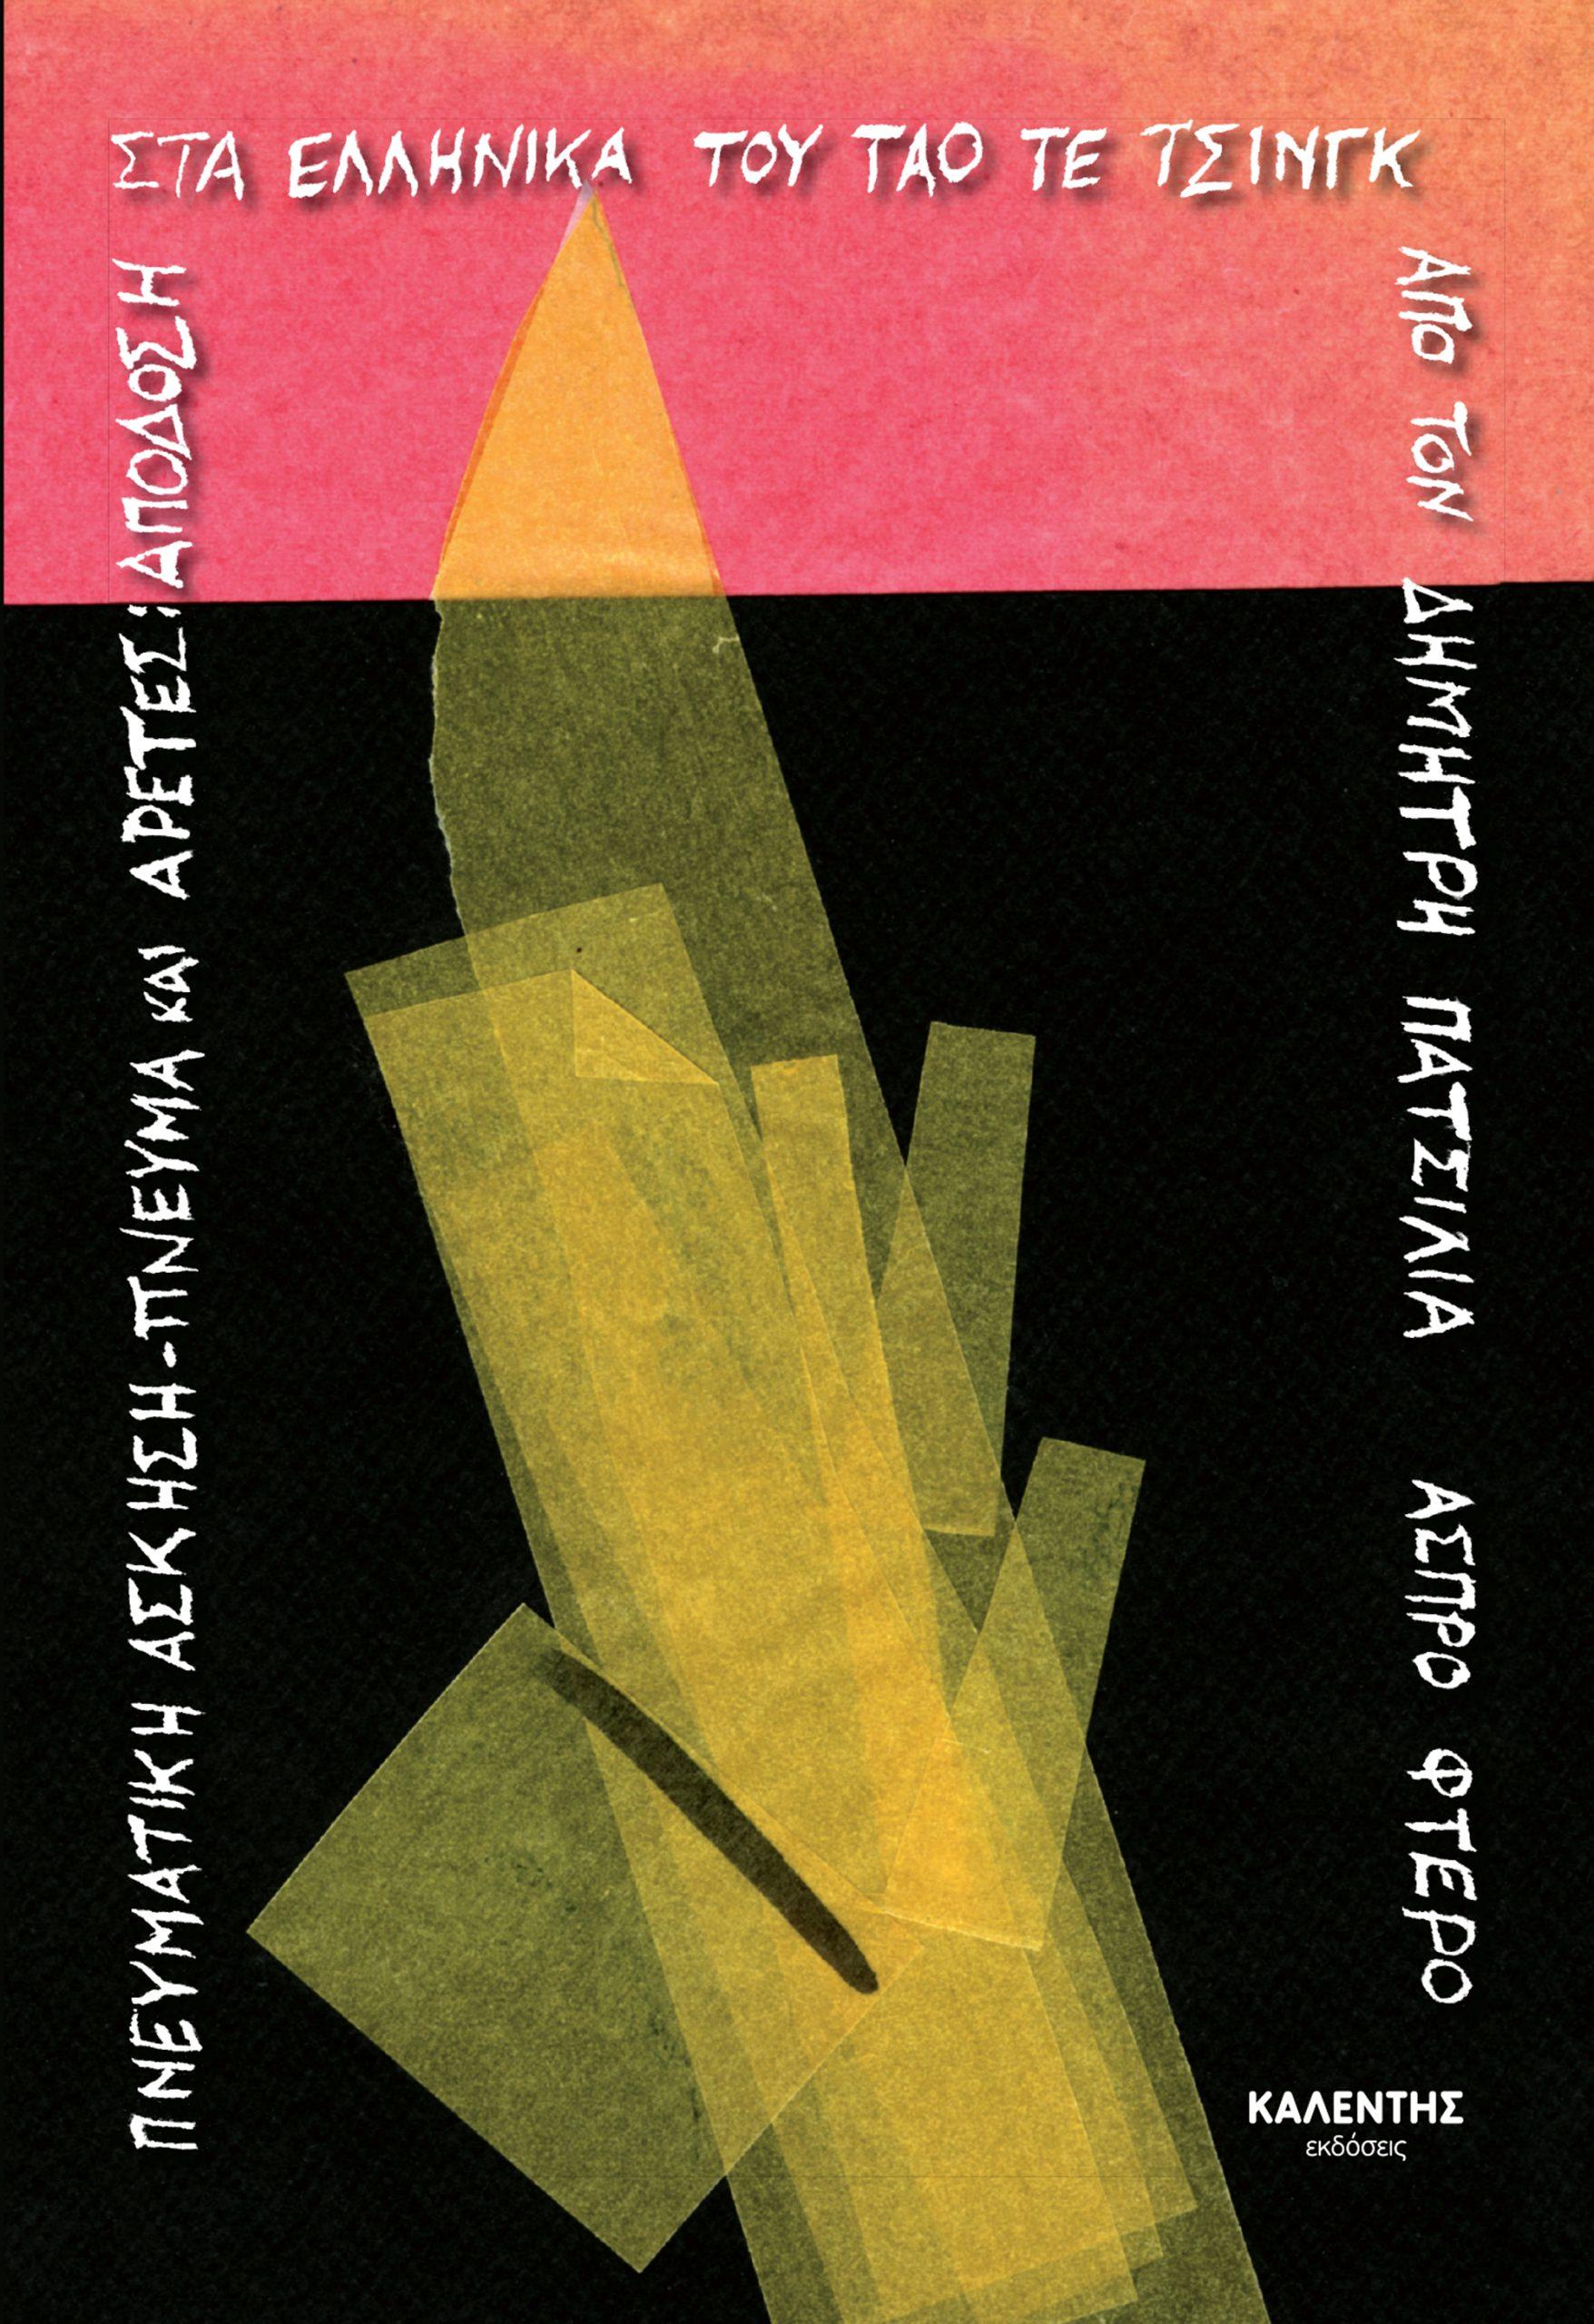 ΠΝΕΥΜΑΤΙΚΗ ΑΣΚΗΣΗ-ΠΝΕΥΜΑ ΚΑΙ ΑΡΕΤΕΣ] Απόδοση του ΤΑΟ ΤΕ ΤΣΙΝΓΚ στα Ελληνικά από τον Δημήτρη Πατσίλια